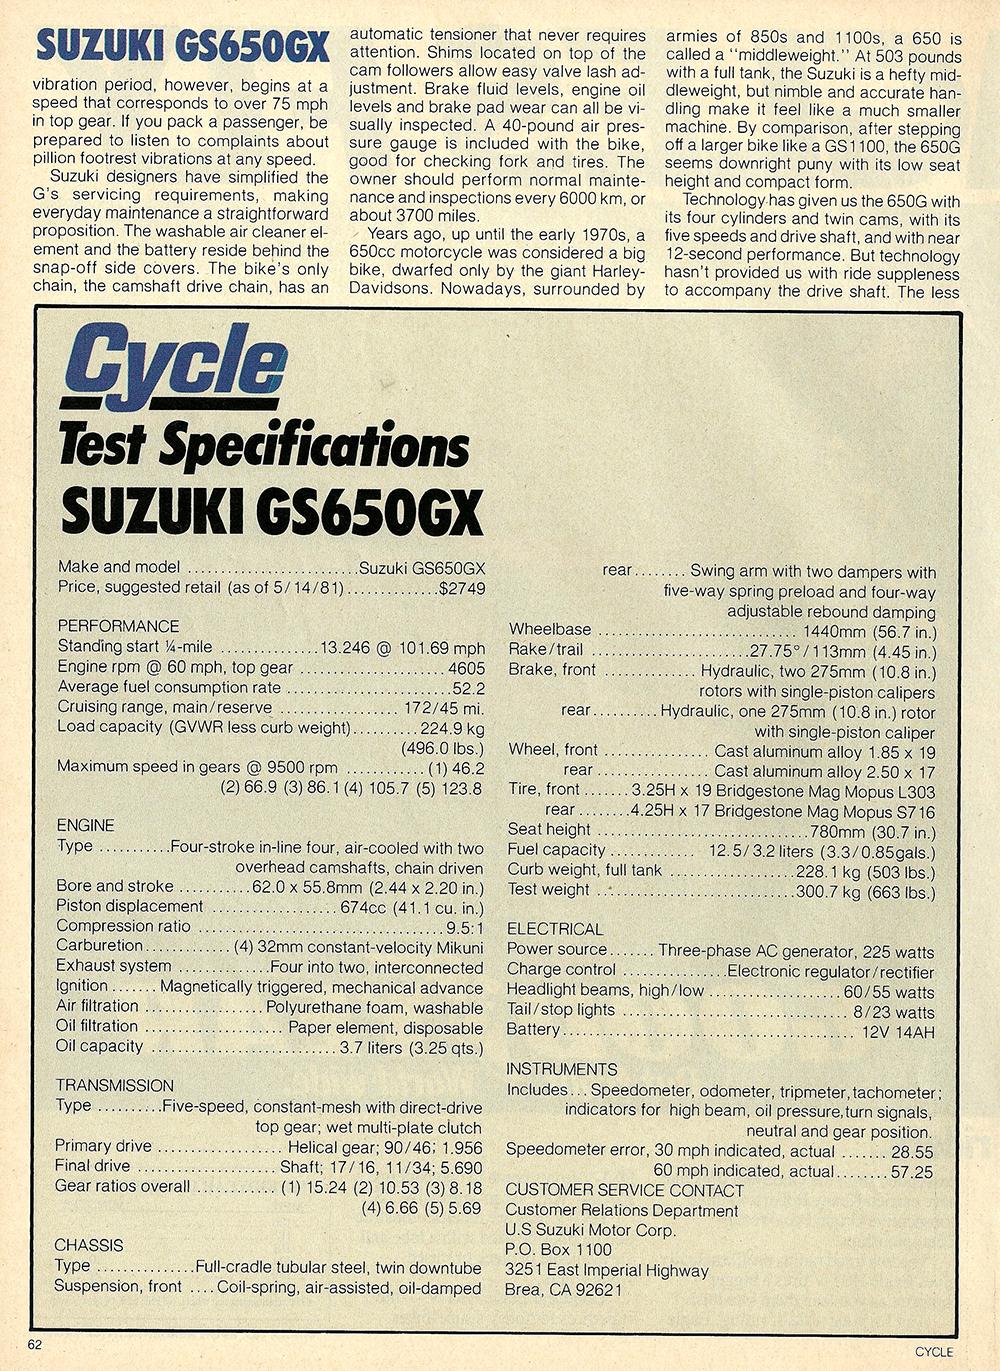 1981 Suzuki GS650 GX road test 06.jpg